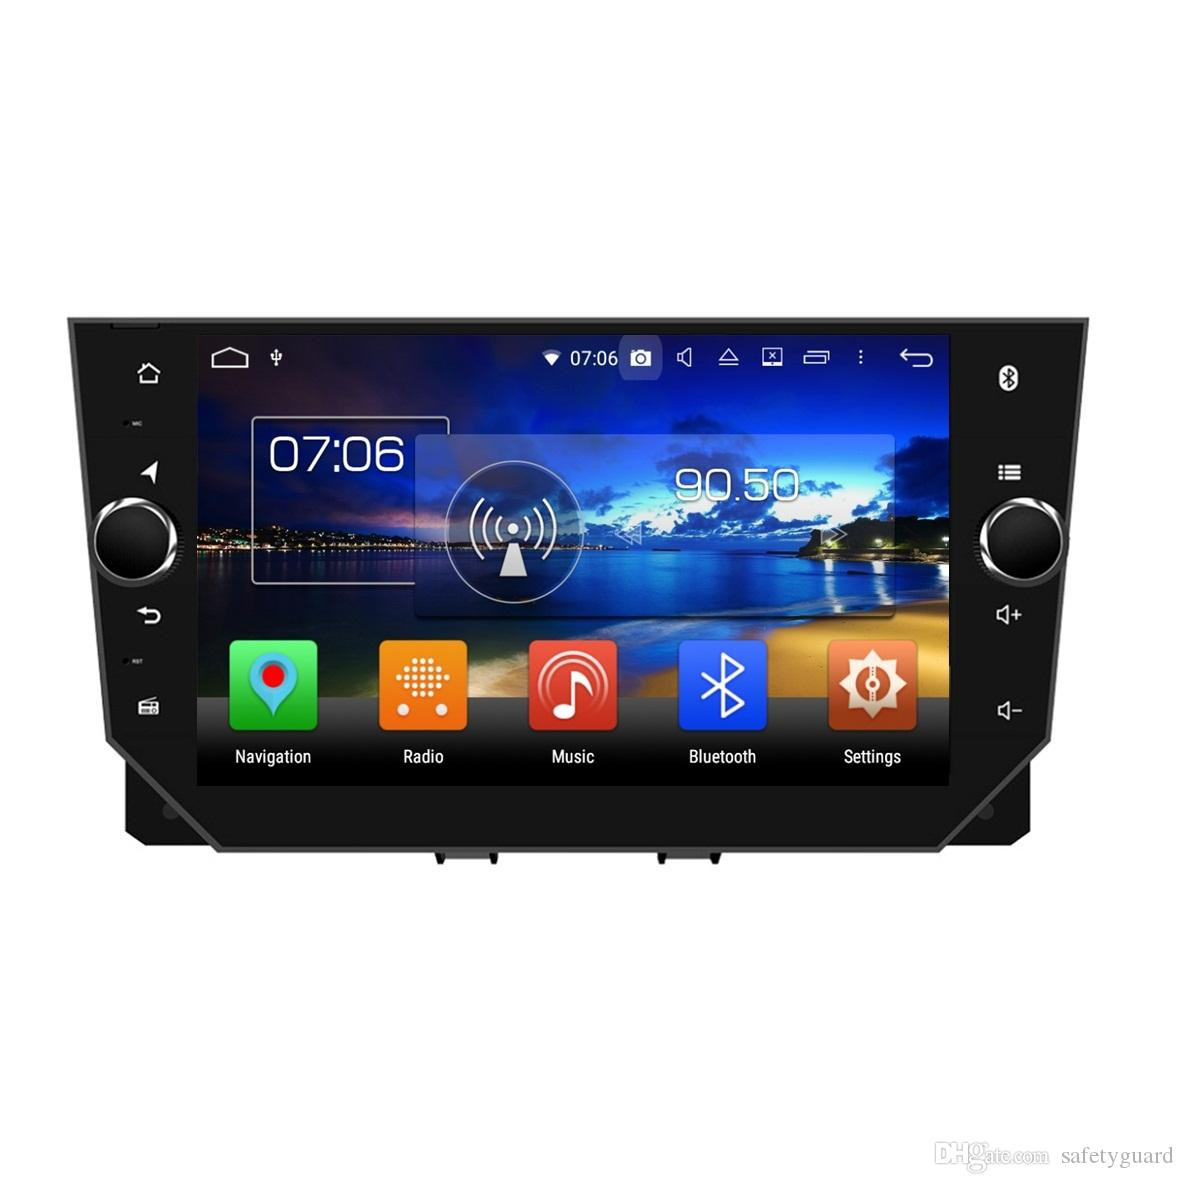 8 코어 PX5 4GB + 64 기가 바이트 안 드 로이드 8.0 자동차 DVD 스테레오 라디오 DVD GPS 머리 단위 좌석이 비자 2018 블루투스 와이파이의 USB DVR 미러 링크